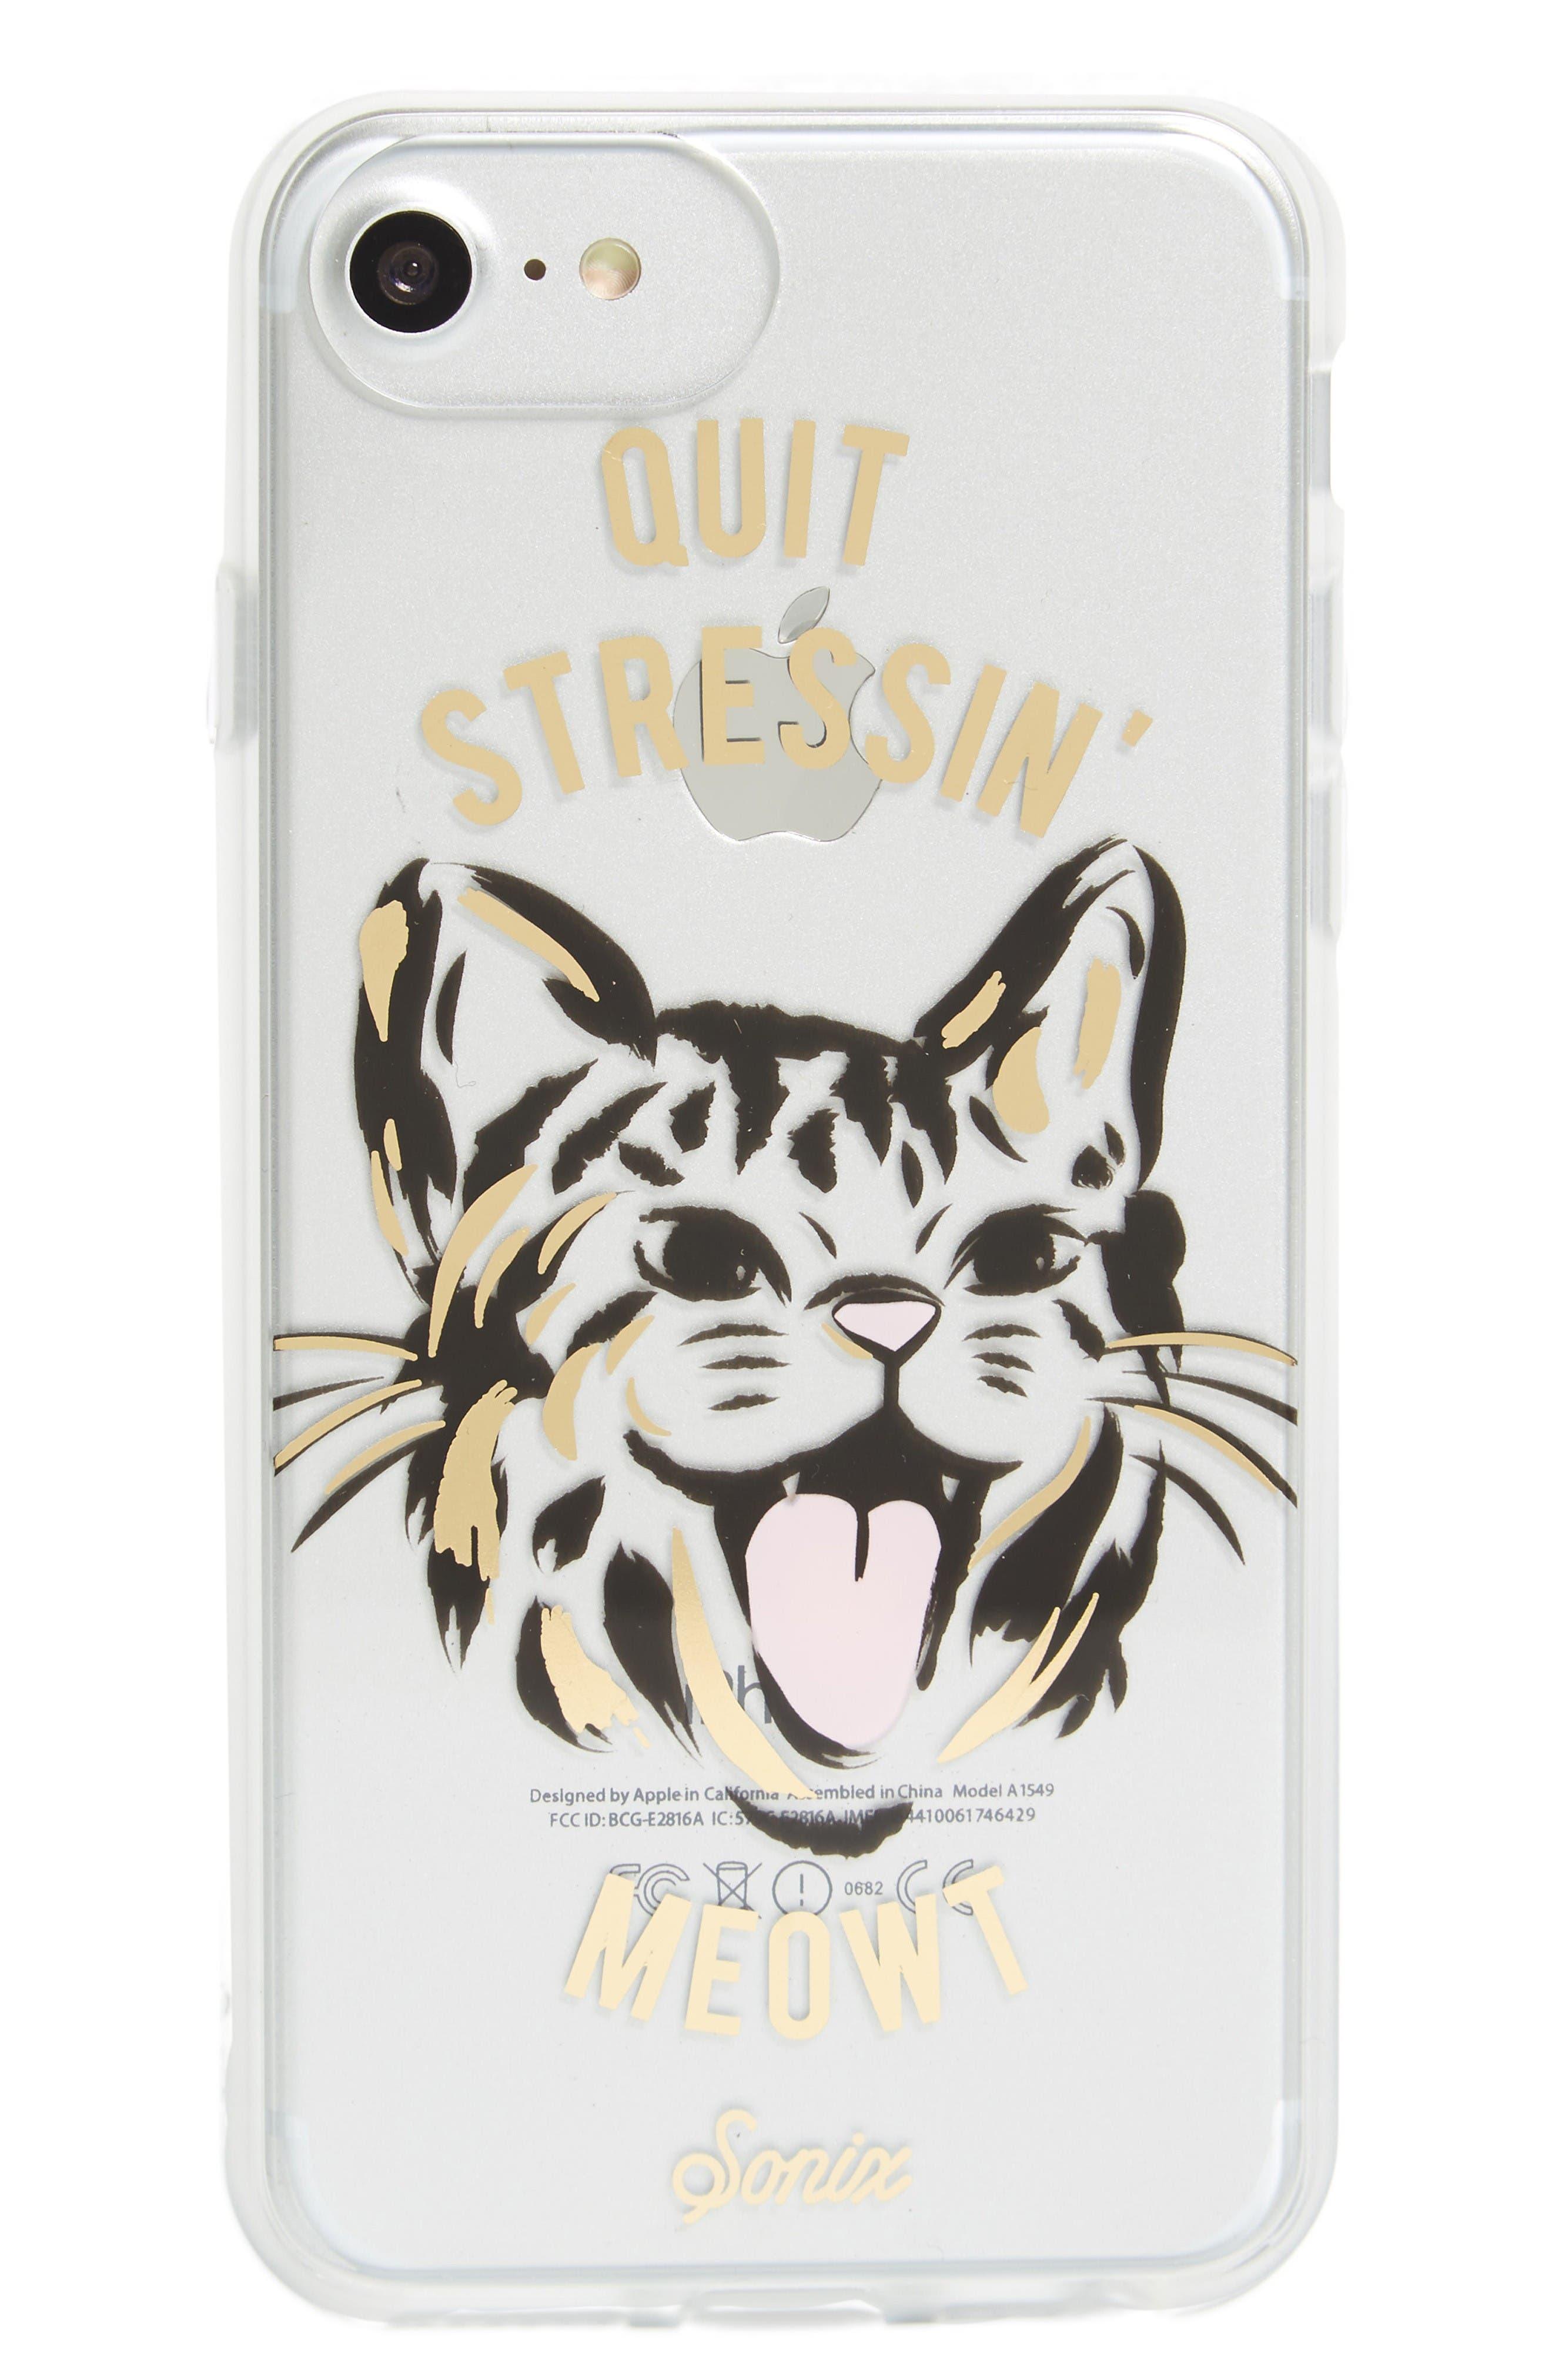 Quit Stressin' Meowt iPhone 6/6s/7/8 & 6/6s/7/8 Plus Case,                             Main thumbnail 1, color,                             Gold